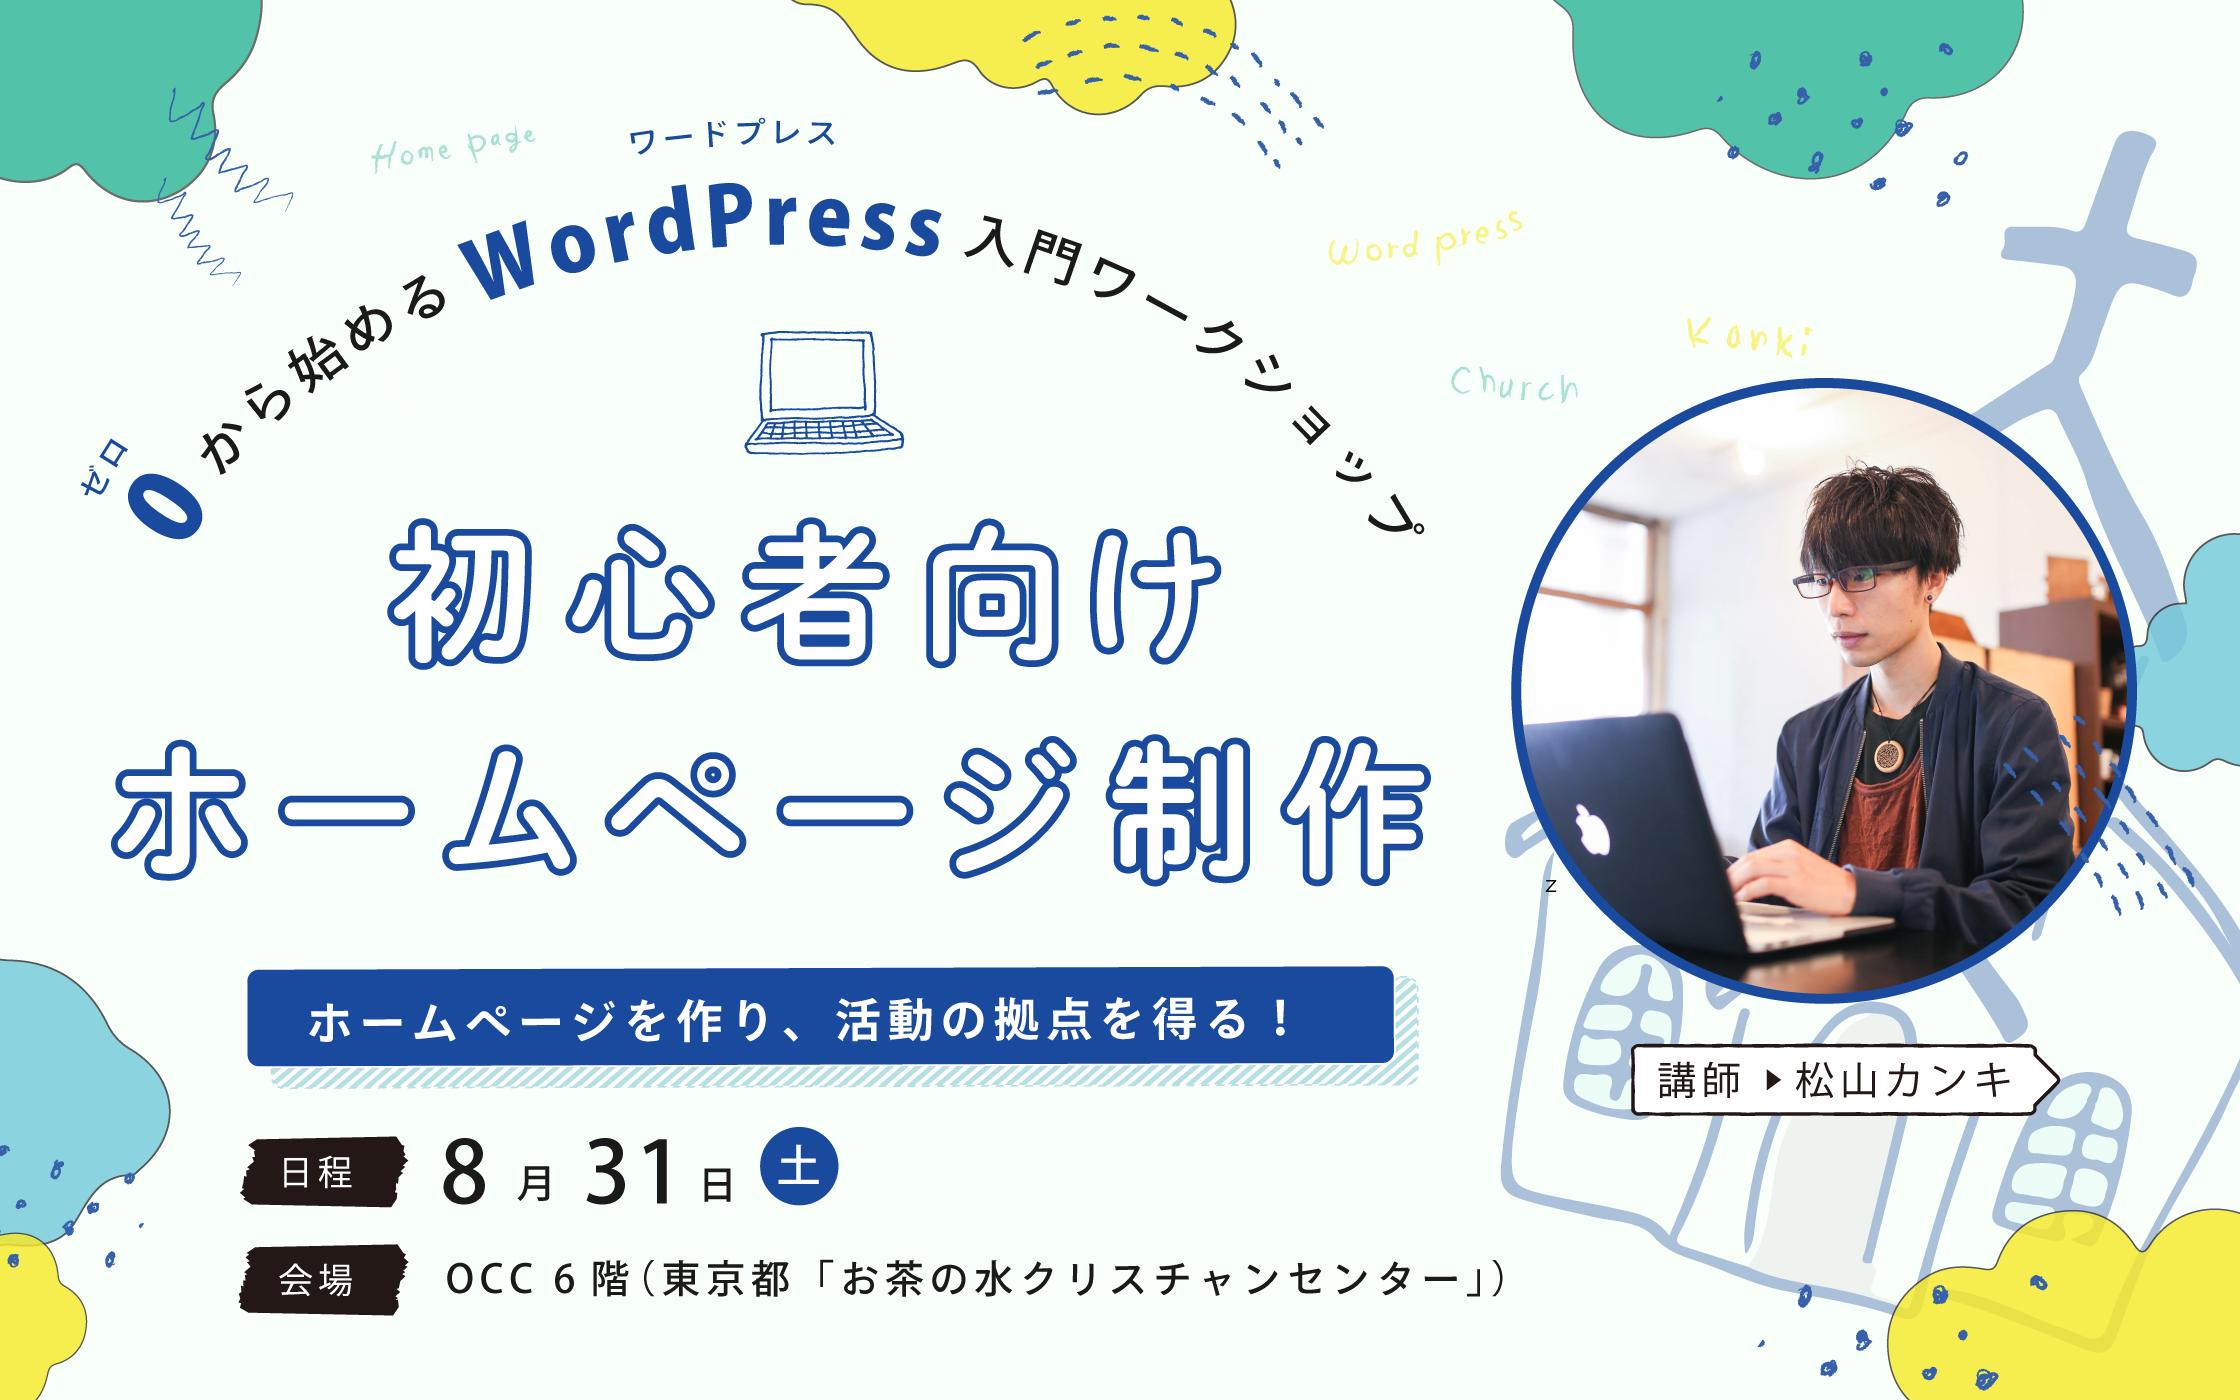 ブログのイベント紹介アイキャッチ画像